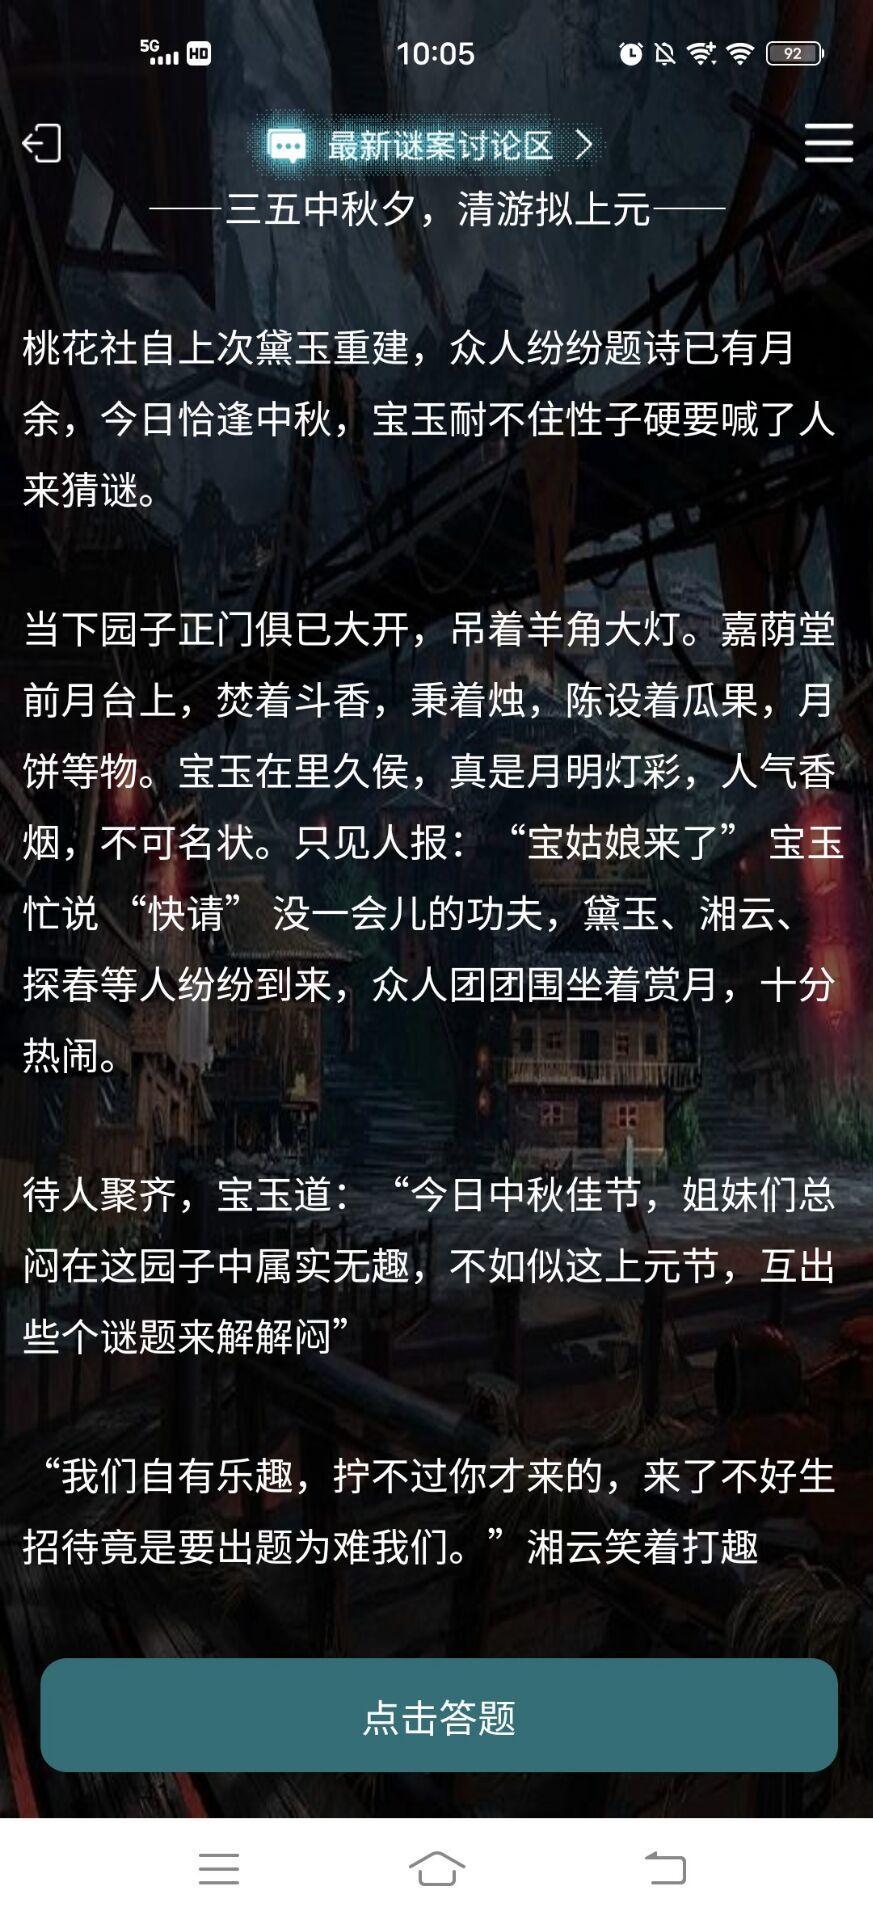 犯罪大师诗社戏语